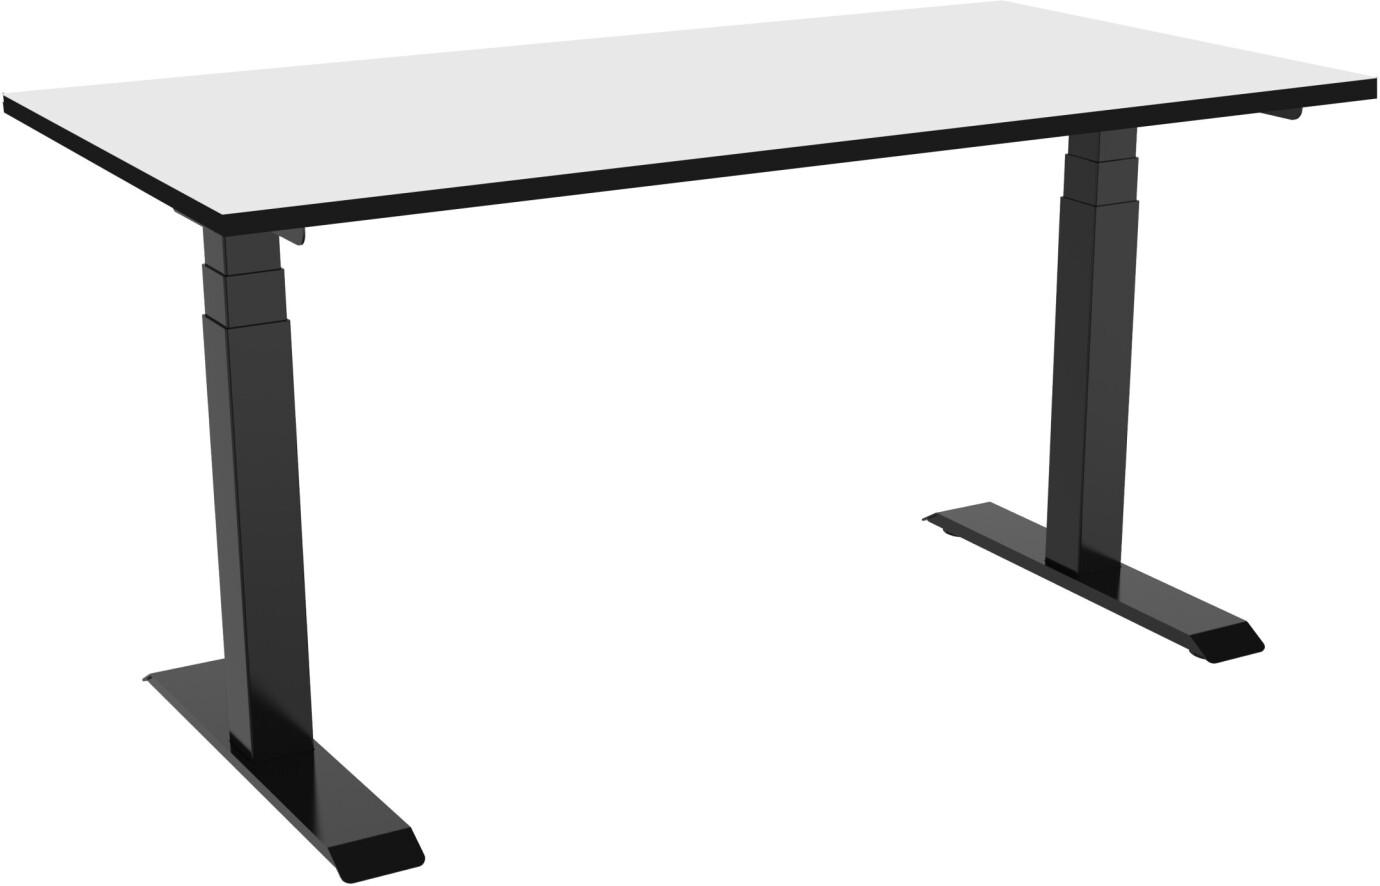 celexon elektrisch höhenverstellbarer Schreibtisch Professional eAdjust-58123 - schwarz, inkl. HPL Tischplatte 150 x 75 cm